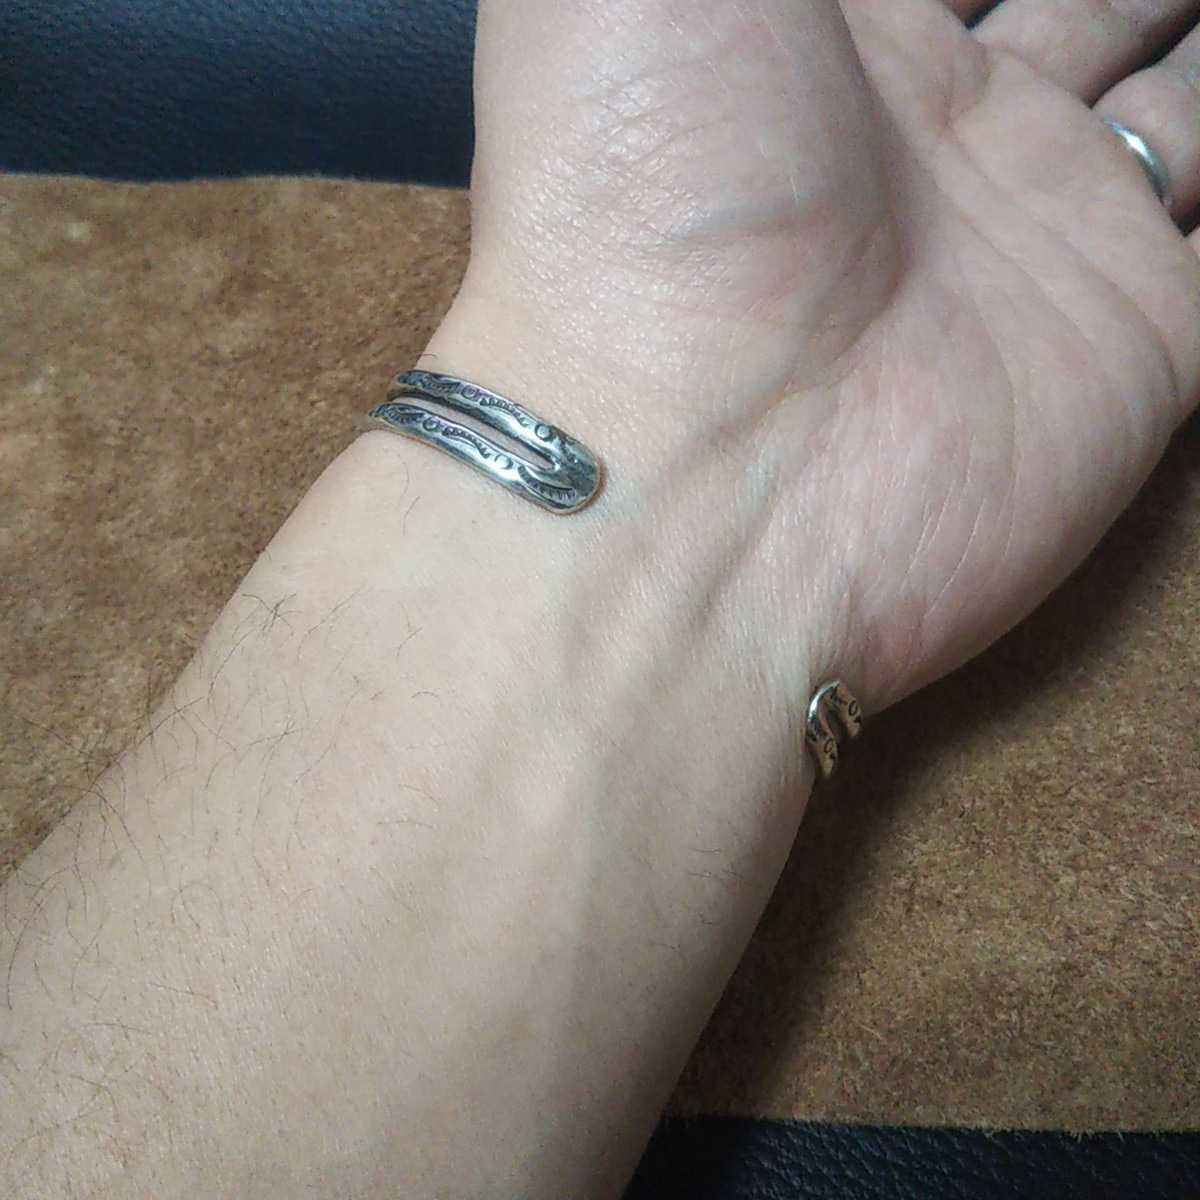 インディアンジュエリー ナバホ族 亀 ターコイズ シルバーバングル ブレスレット♯ネイティブアメリカン ホピ族 ズニ族 sterling silver925_画像8